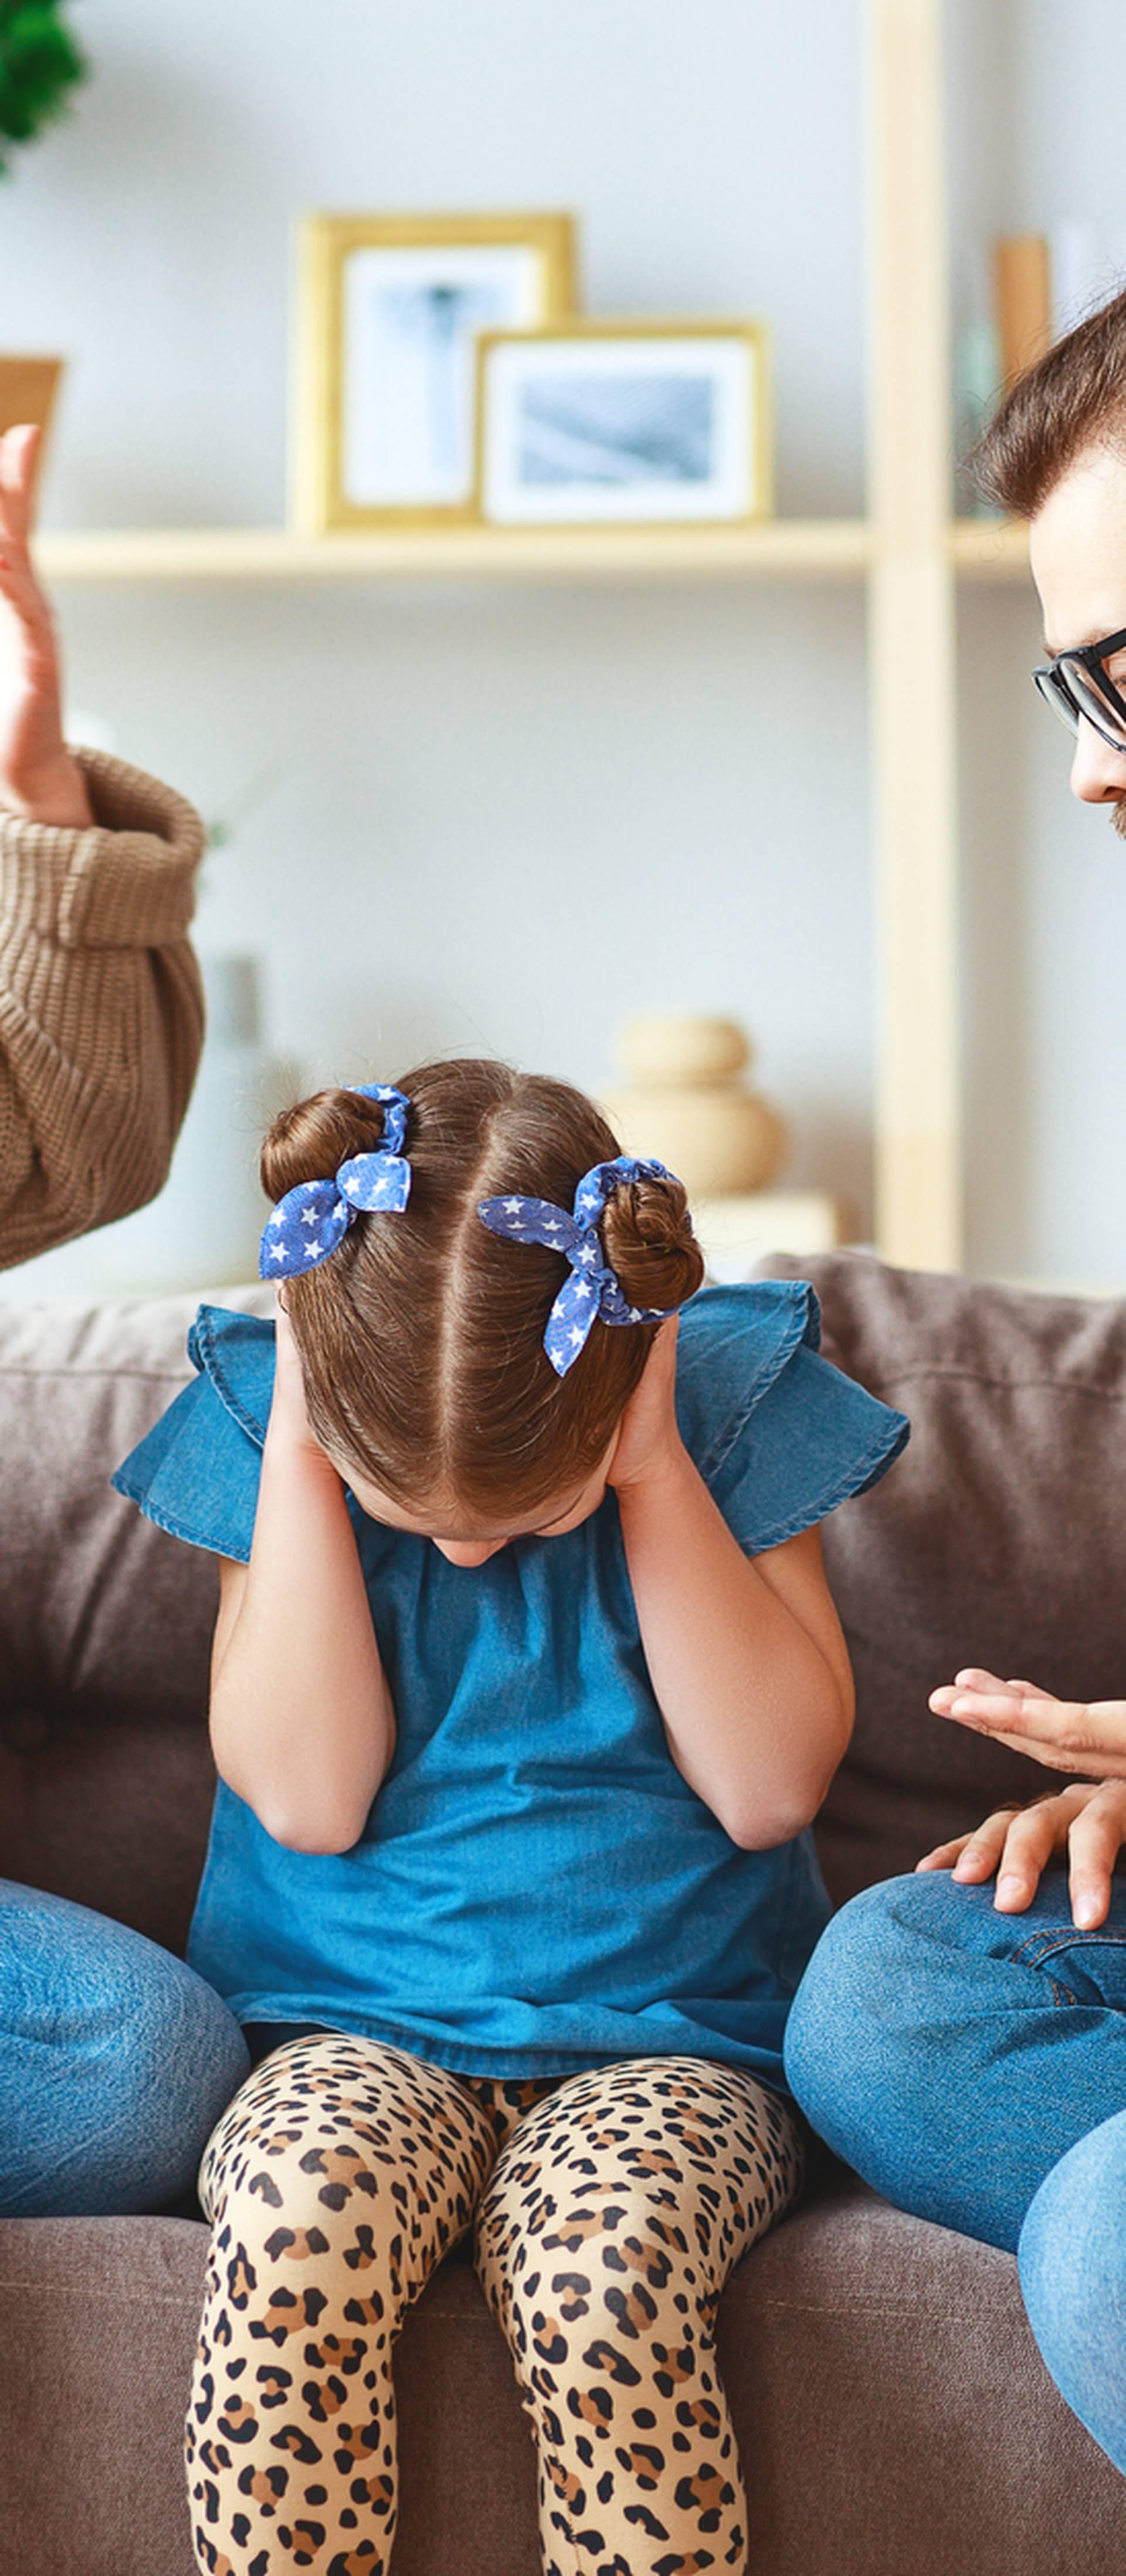 Stručnjaci: Udaranje djeteta naučit će ga da udara druge